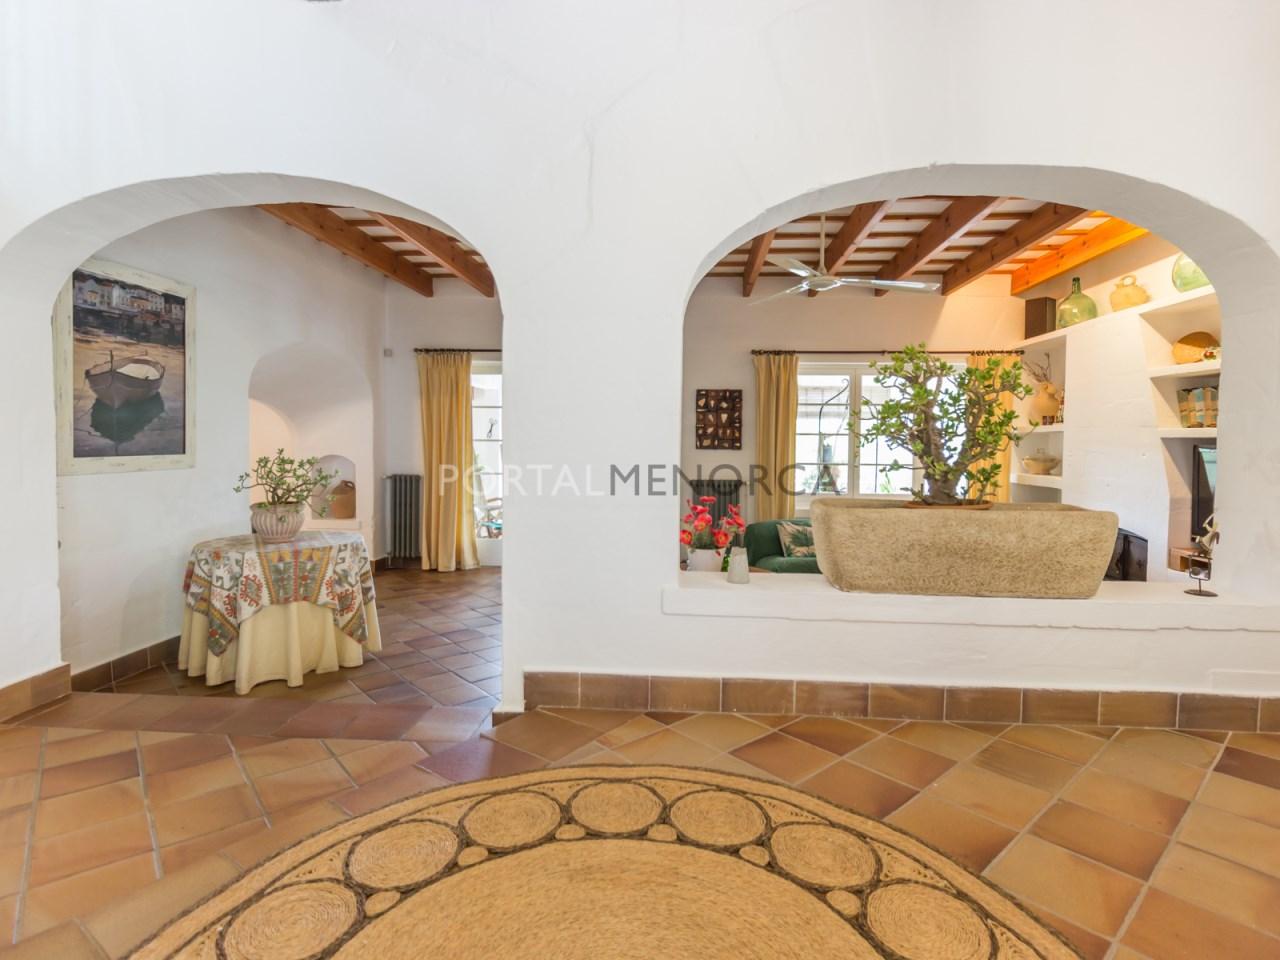 maison en campagne avec piscine a vendre a Minorque (2 de 32)